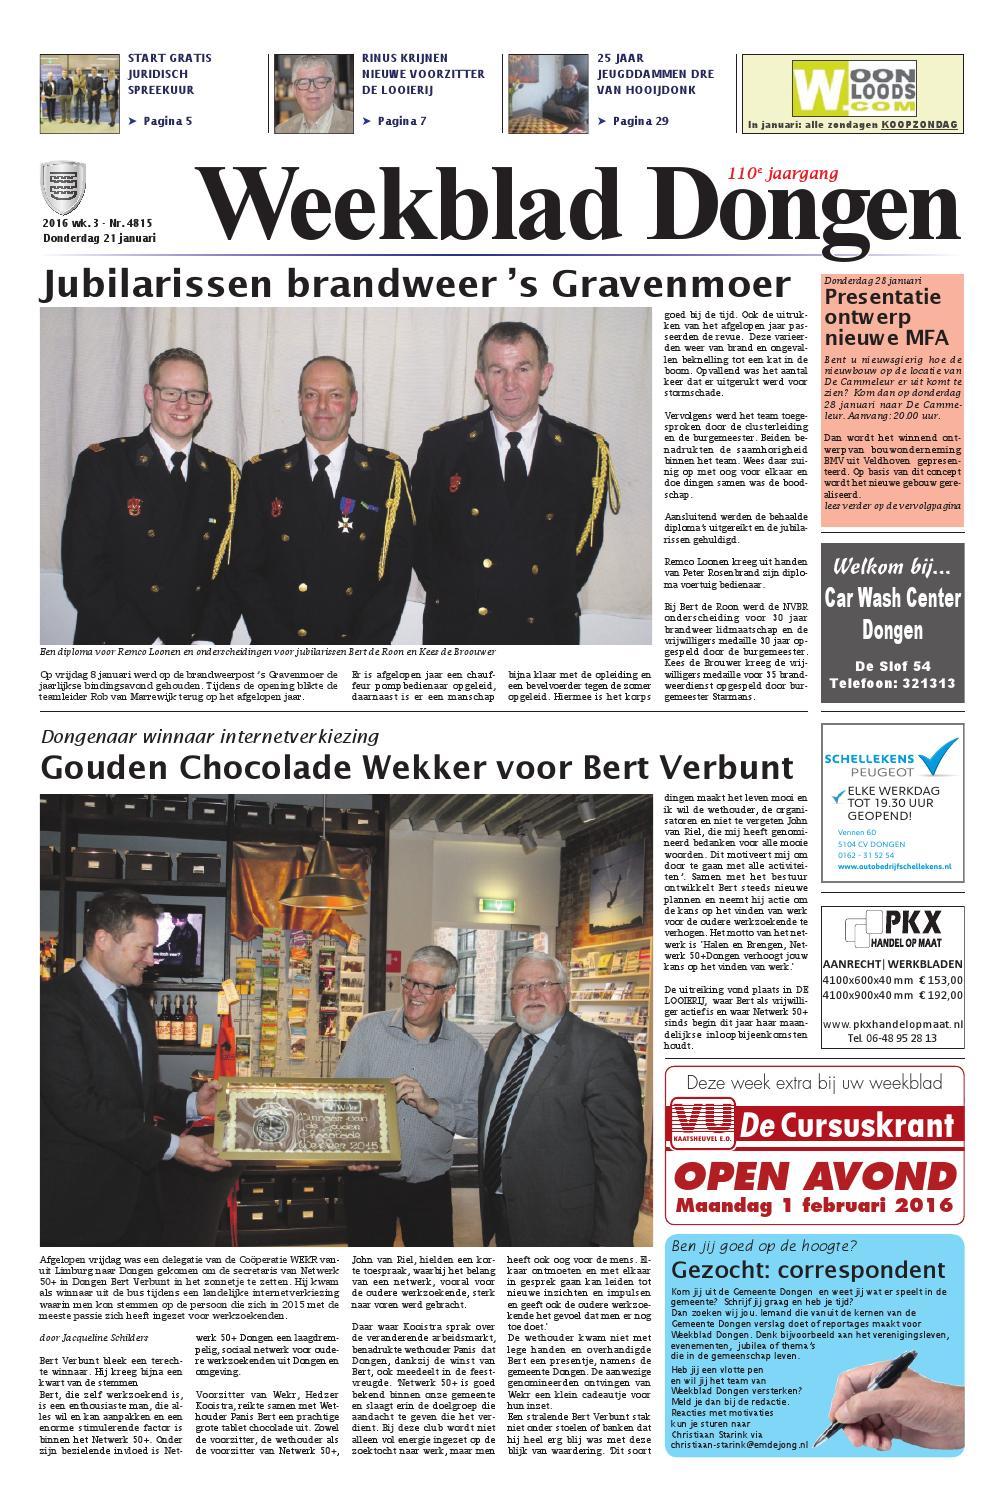 Weekblad dongen 01 09 2016 by uitgeverij em de jong   issuu